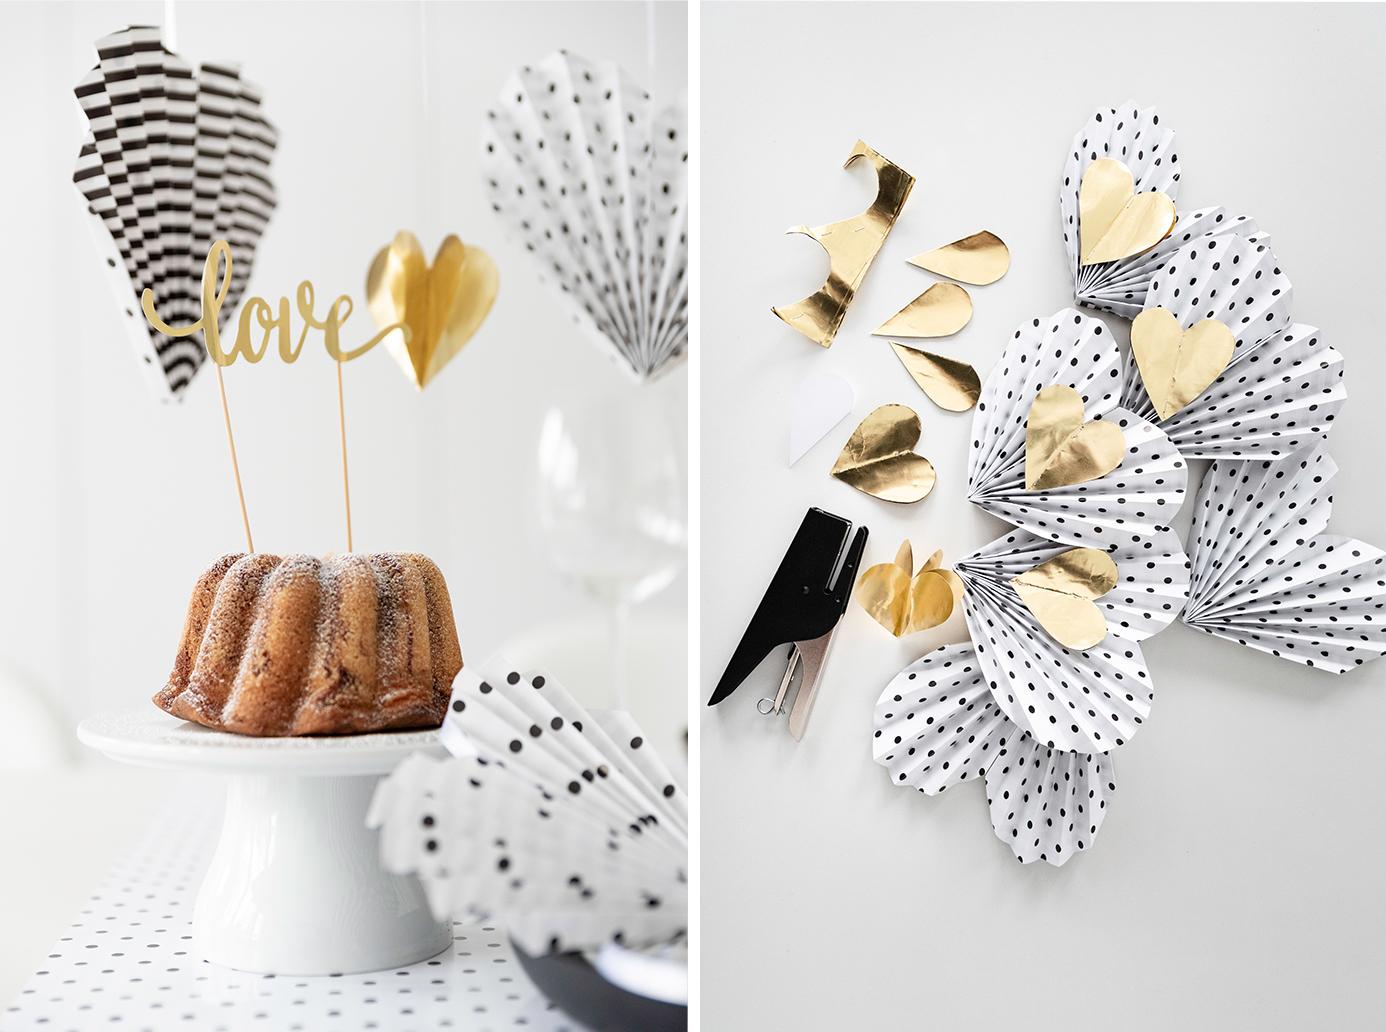 Tischdeko für den Valentinstag - Rezepte für süß-herbe Kekse zum Valentinstag